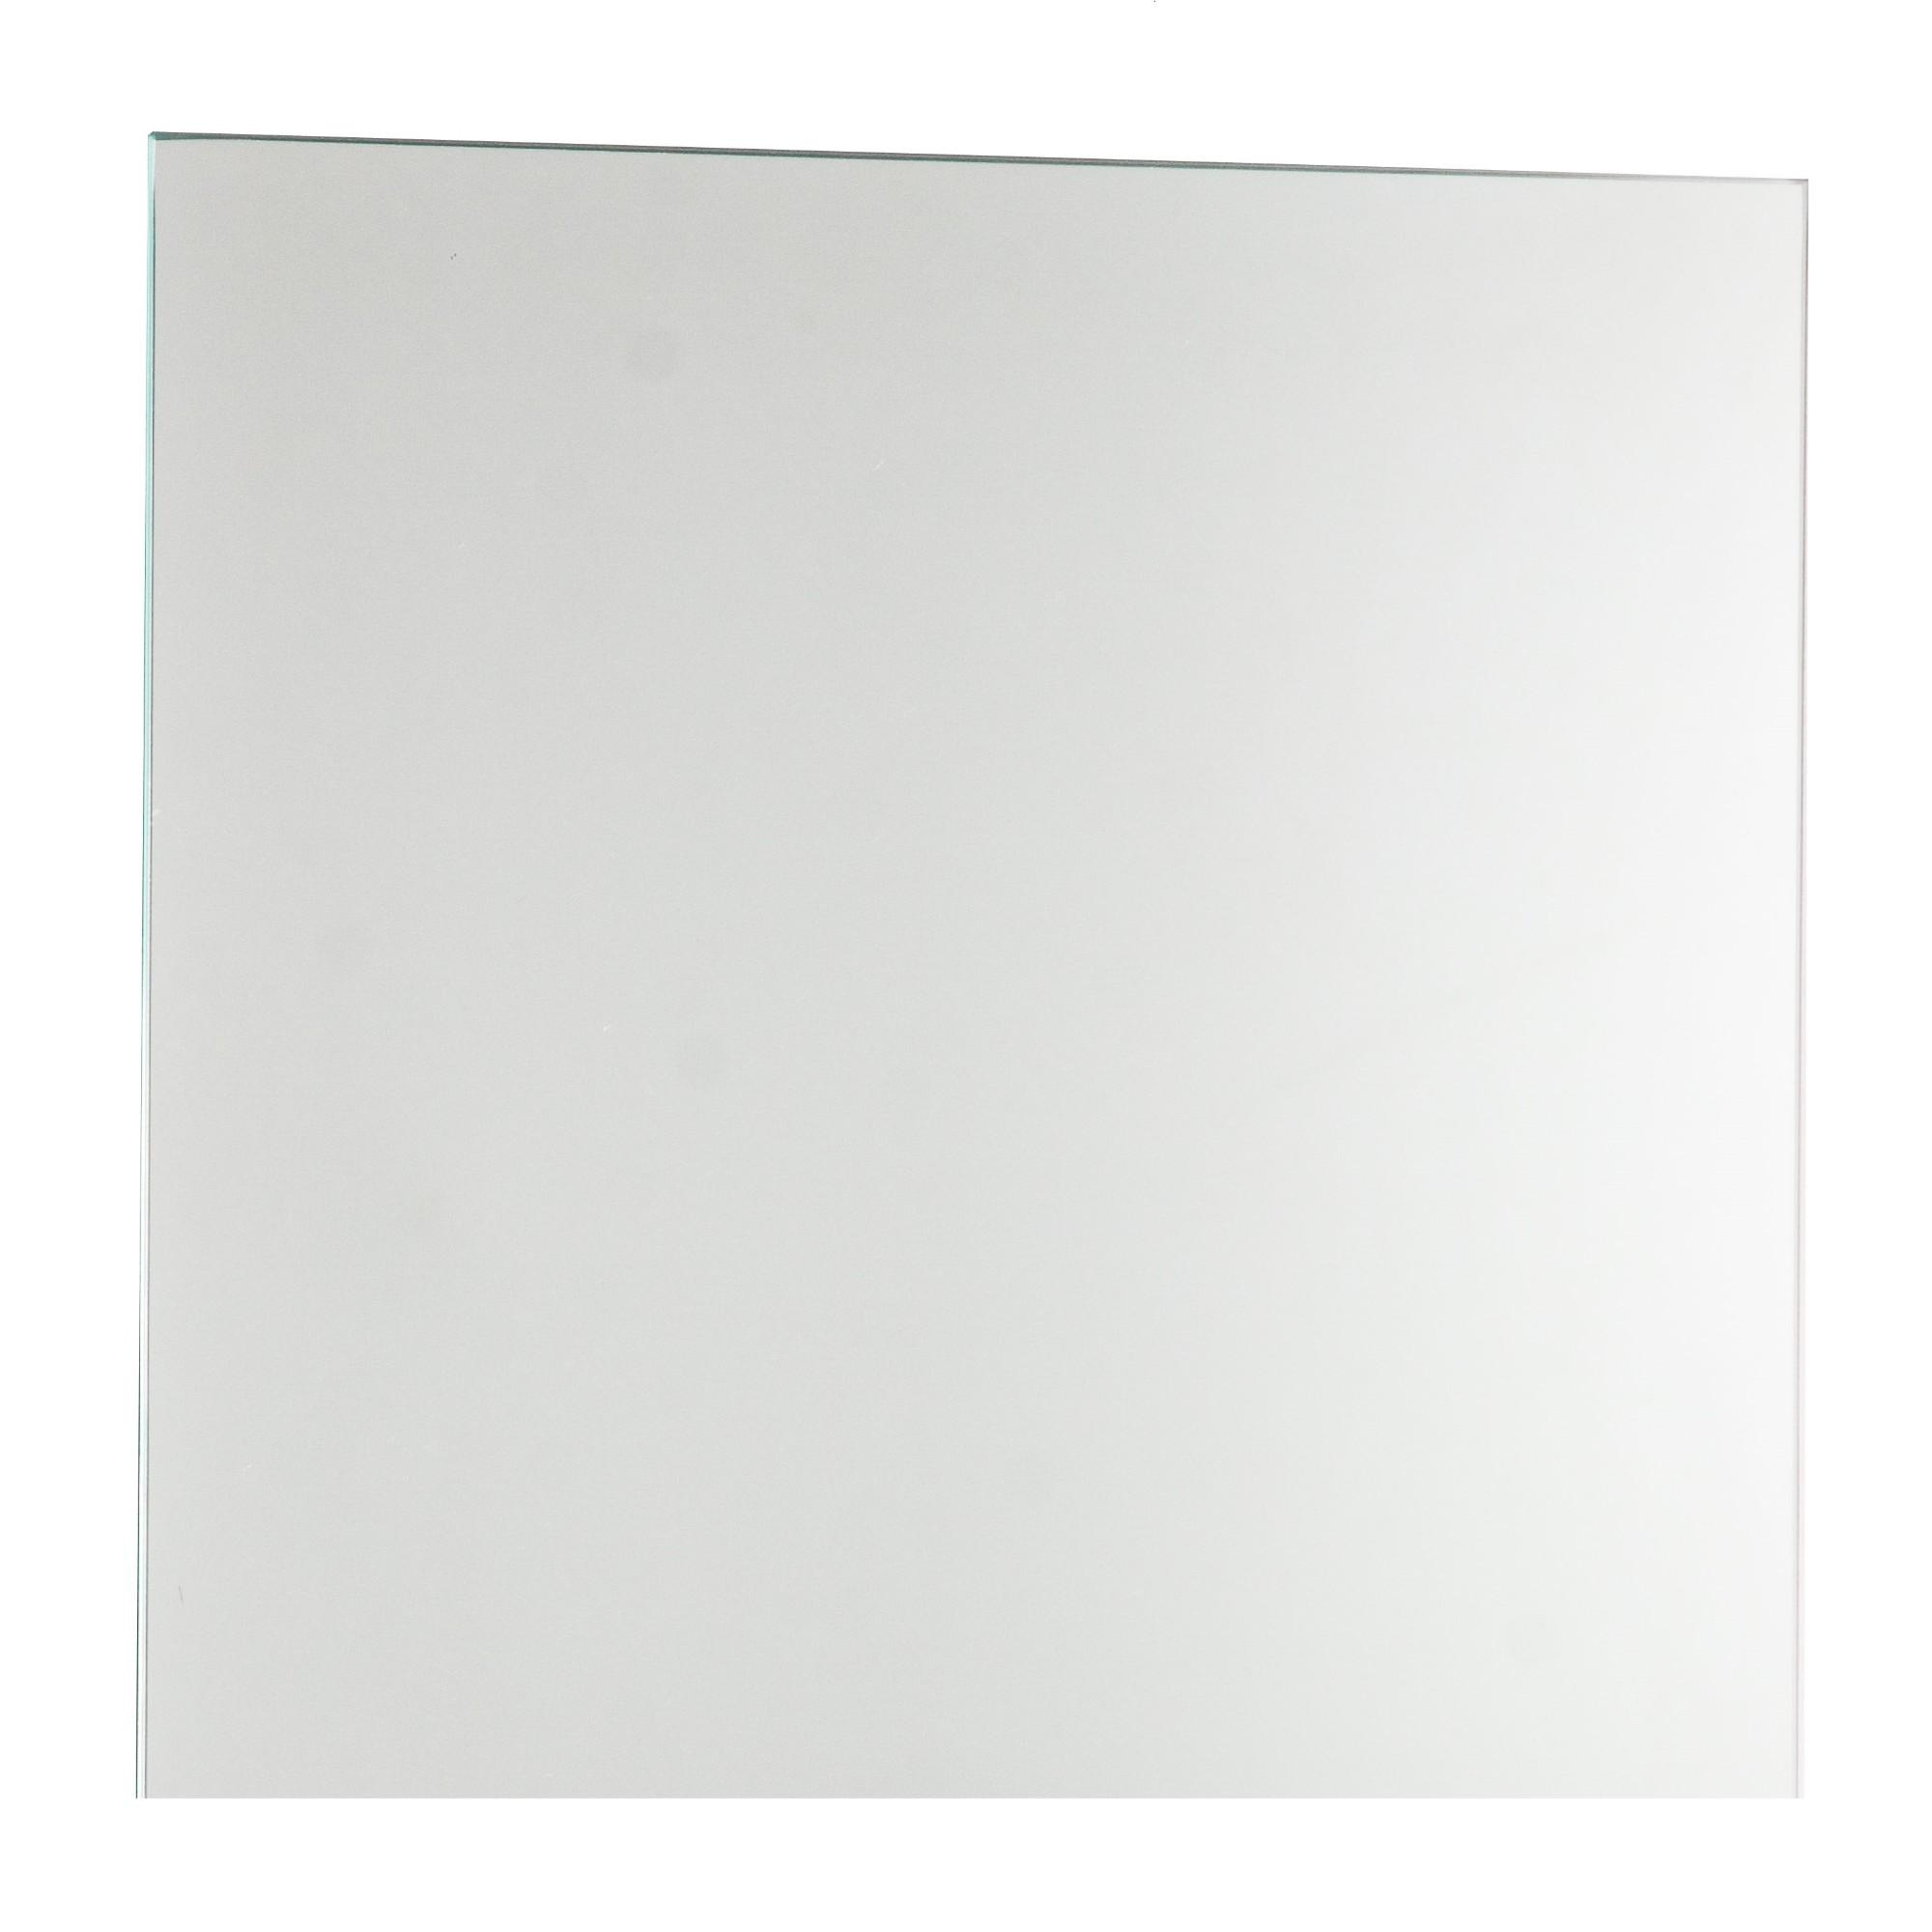 Espelho Para Parede Quadrado 3mm 60x60 cm - Kanon